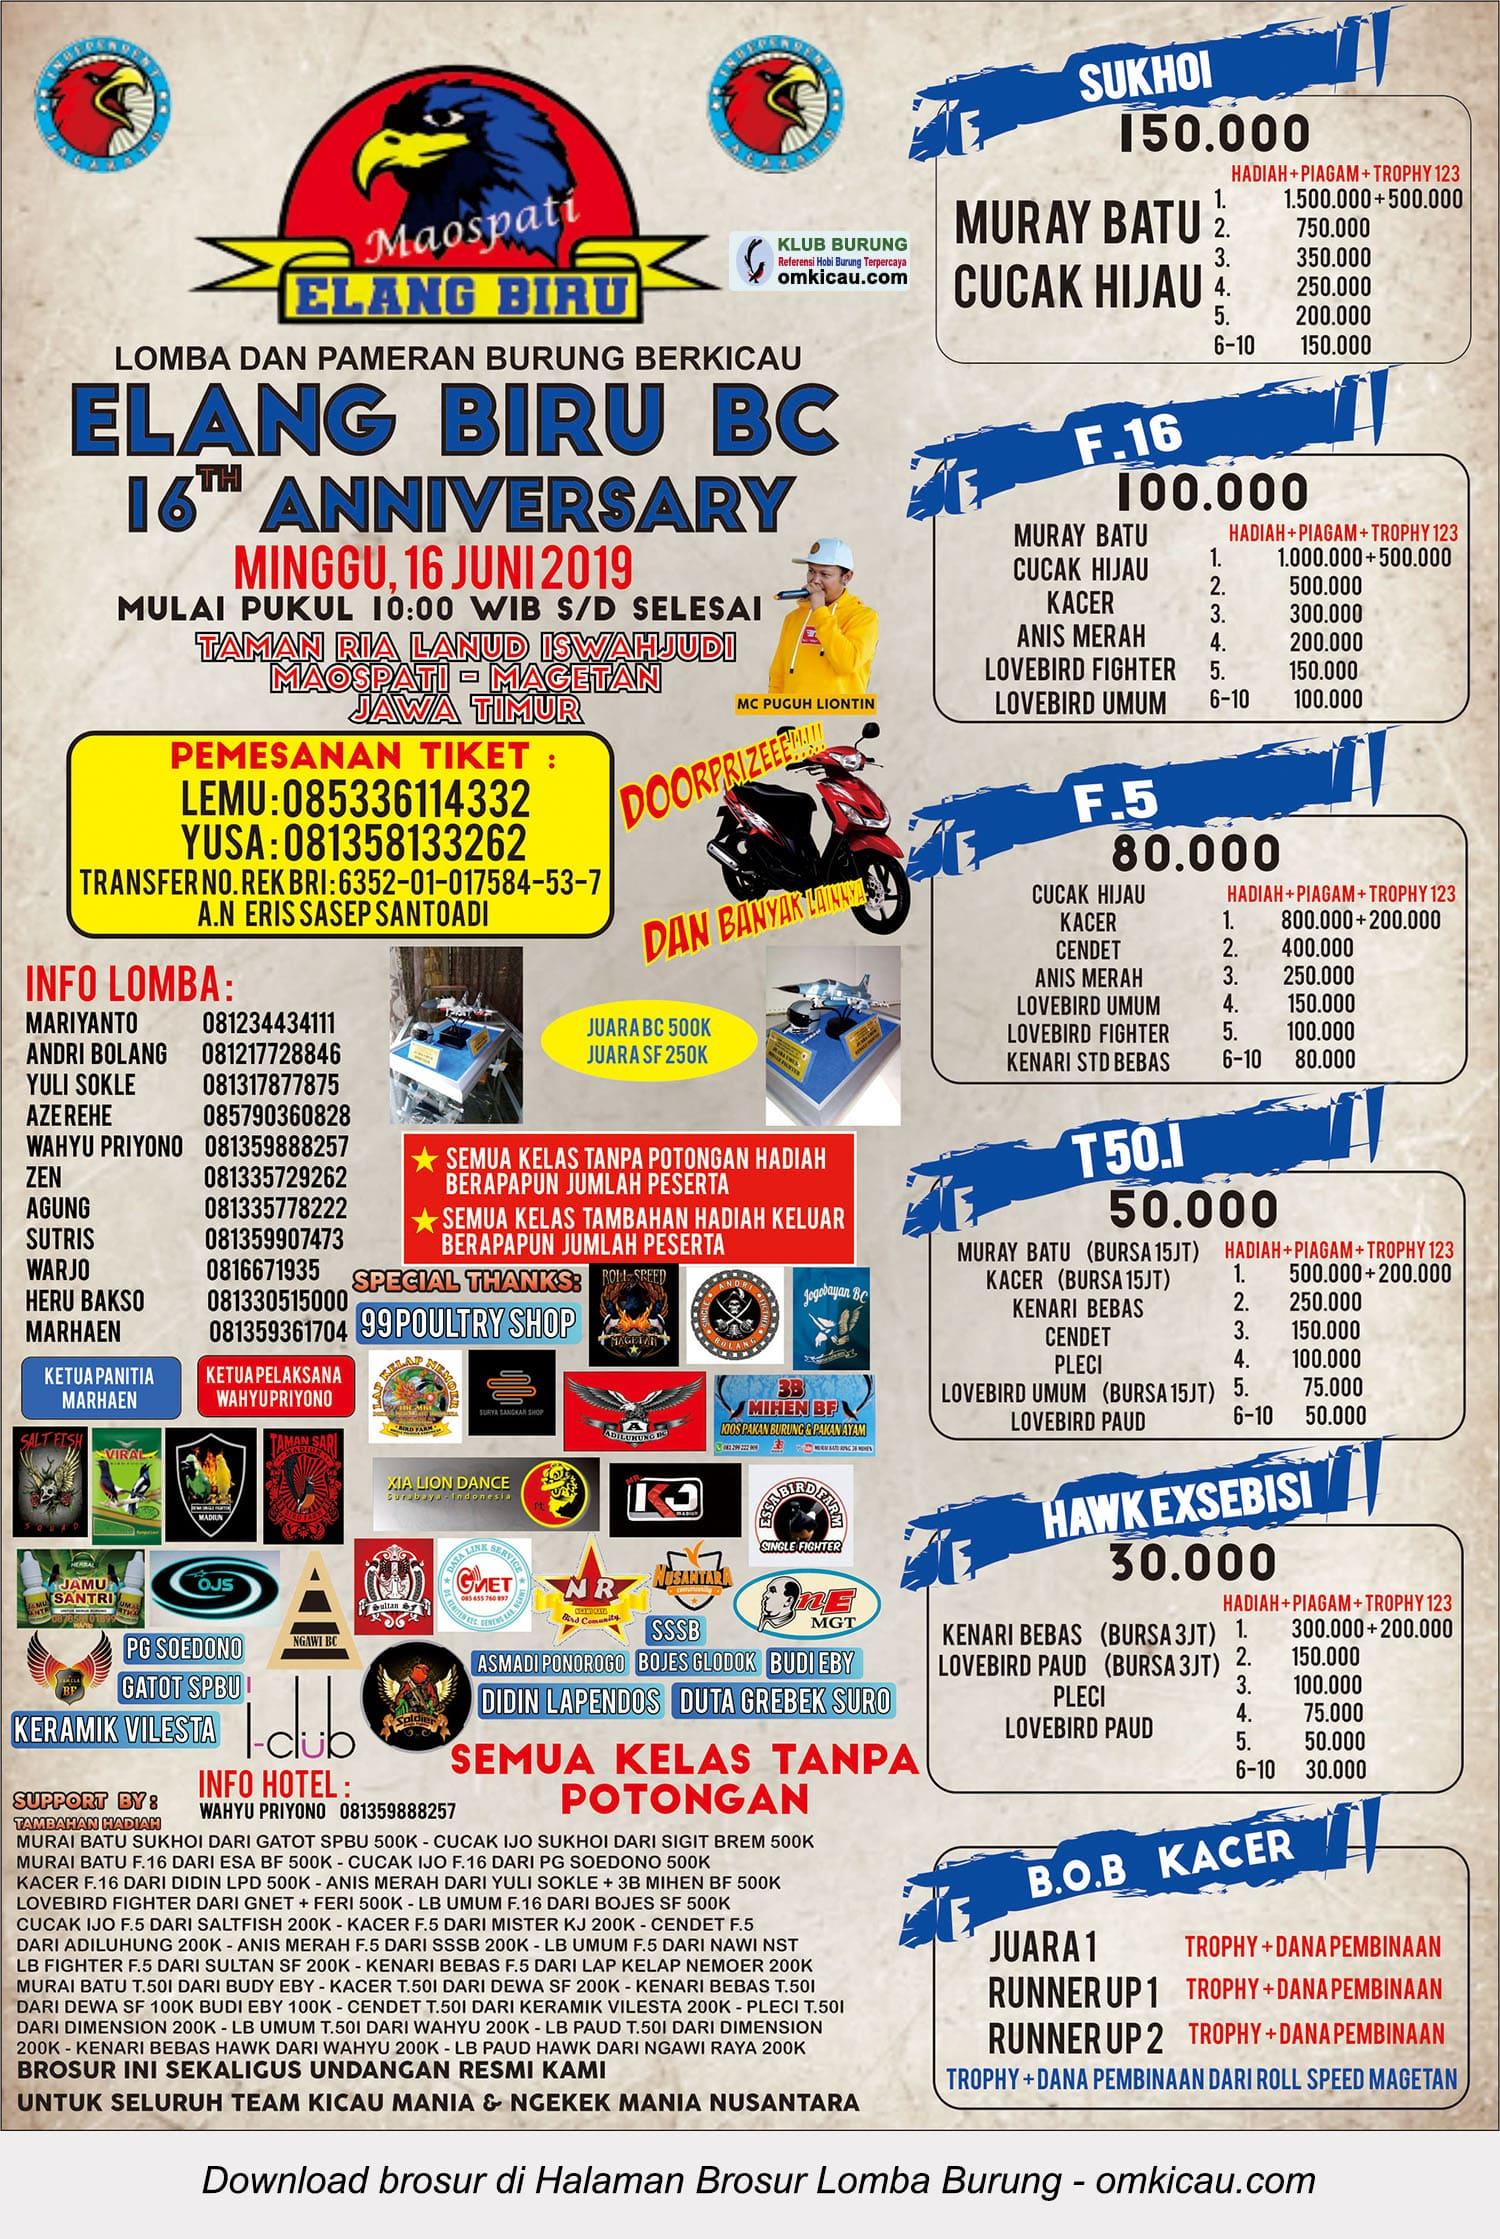 16th Anniversary Elang Biru BC